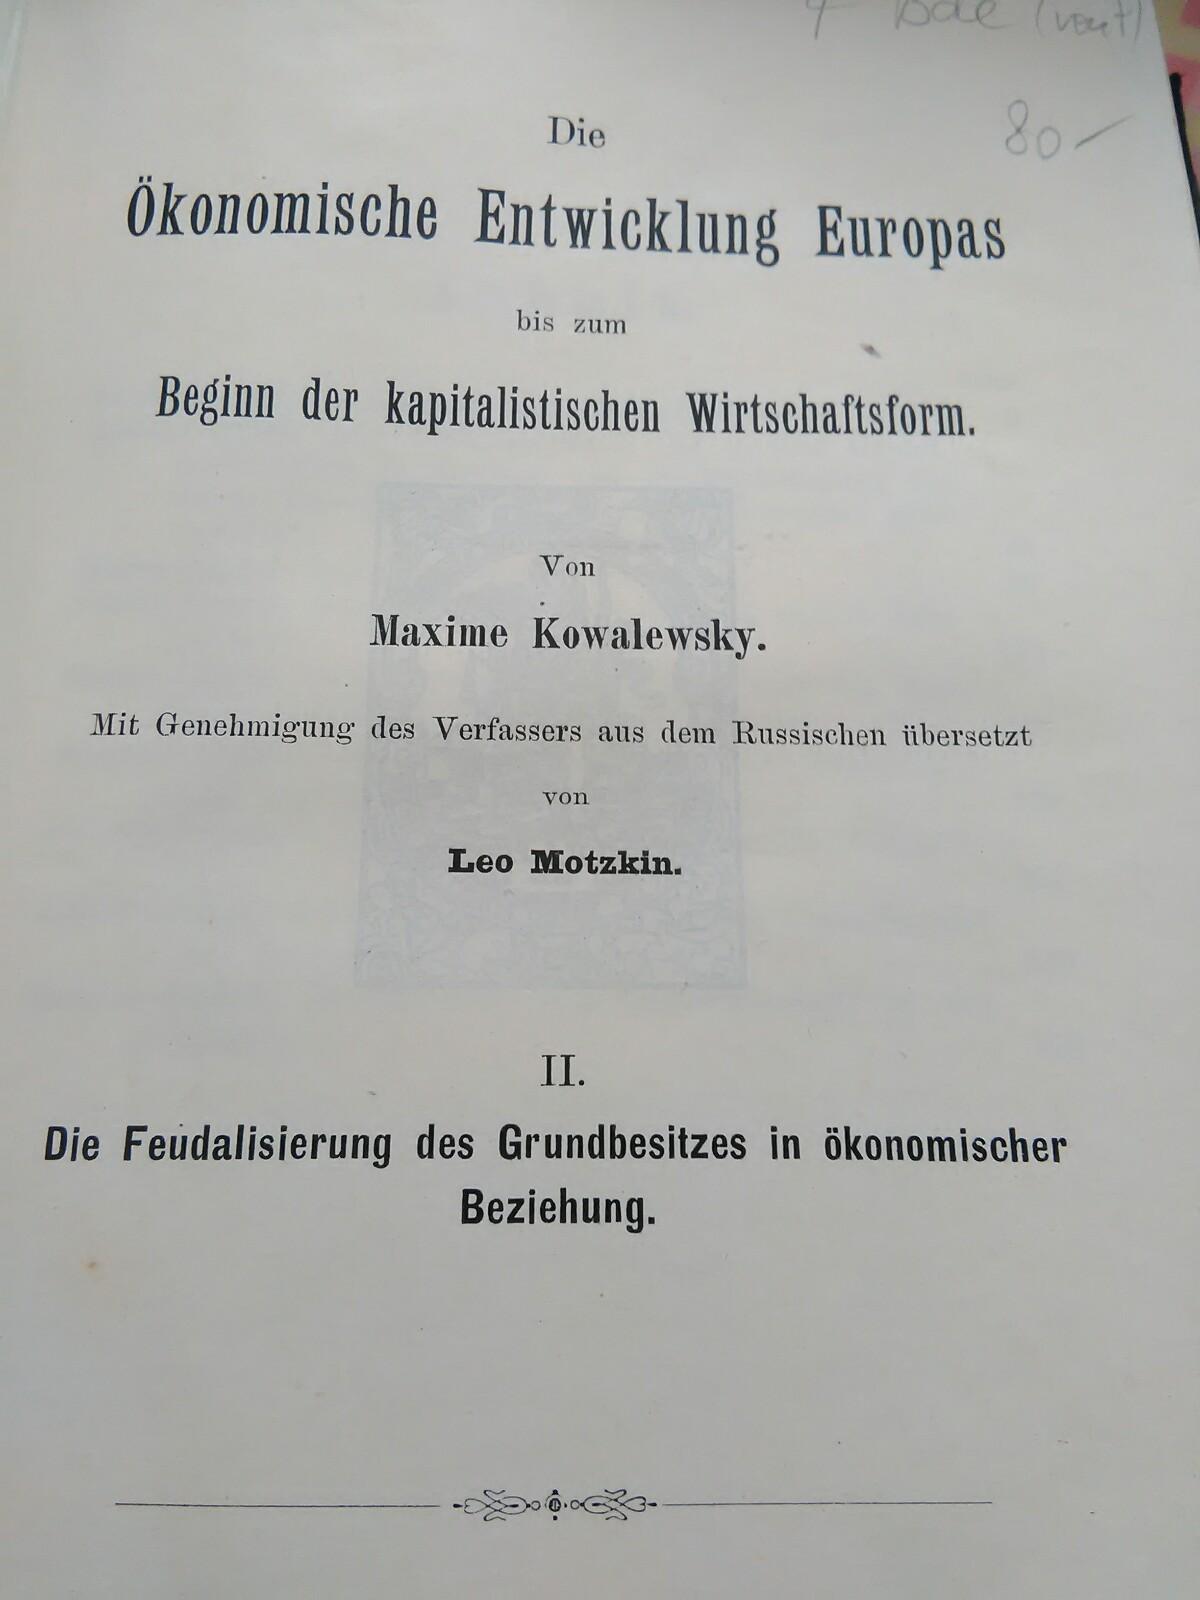 Die Ökonomische Entwicklung Europas bis zum Beginn: Kowalewsky, Maxime: